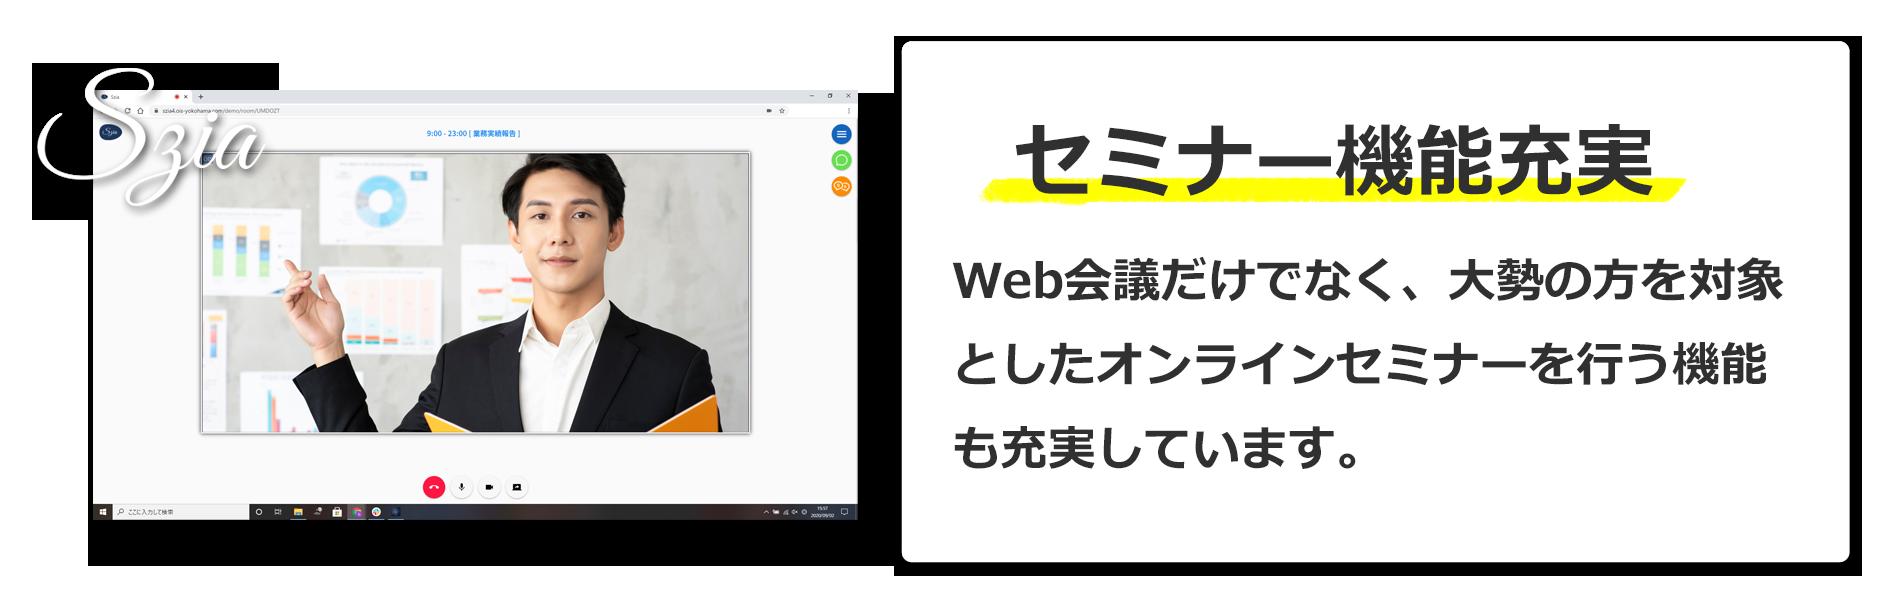 セミナー機能充実(Web会議だけでなく、大勢の方を対象としたオンラインセミナーを行う機能も充実)